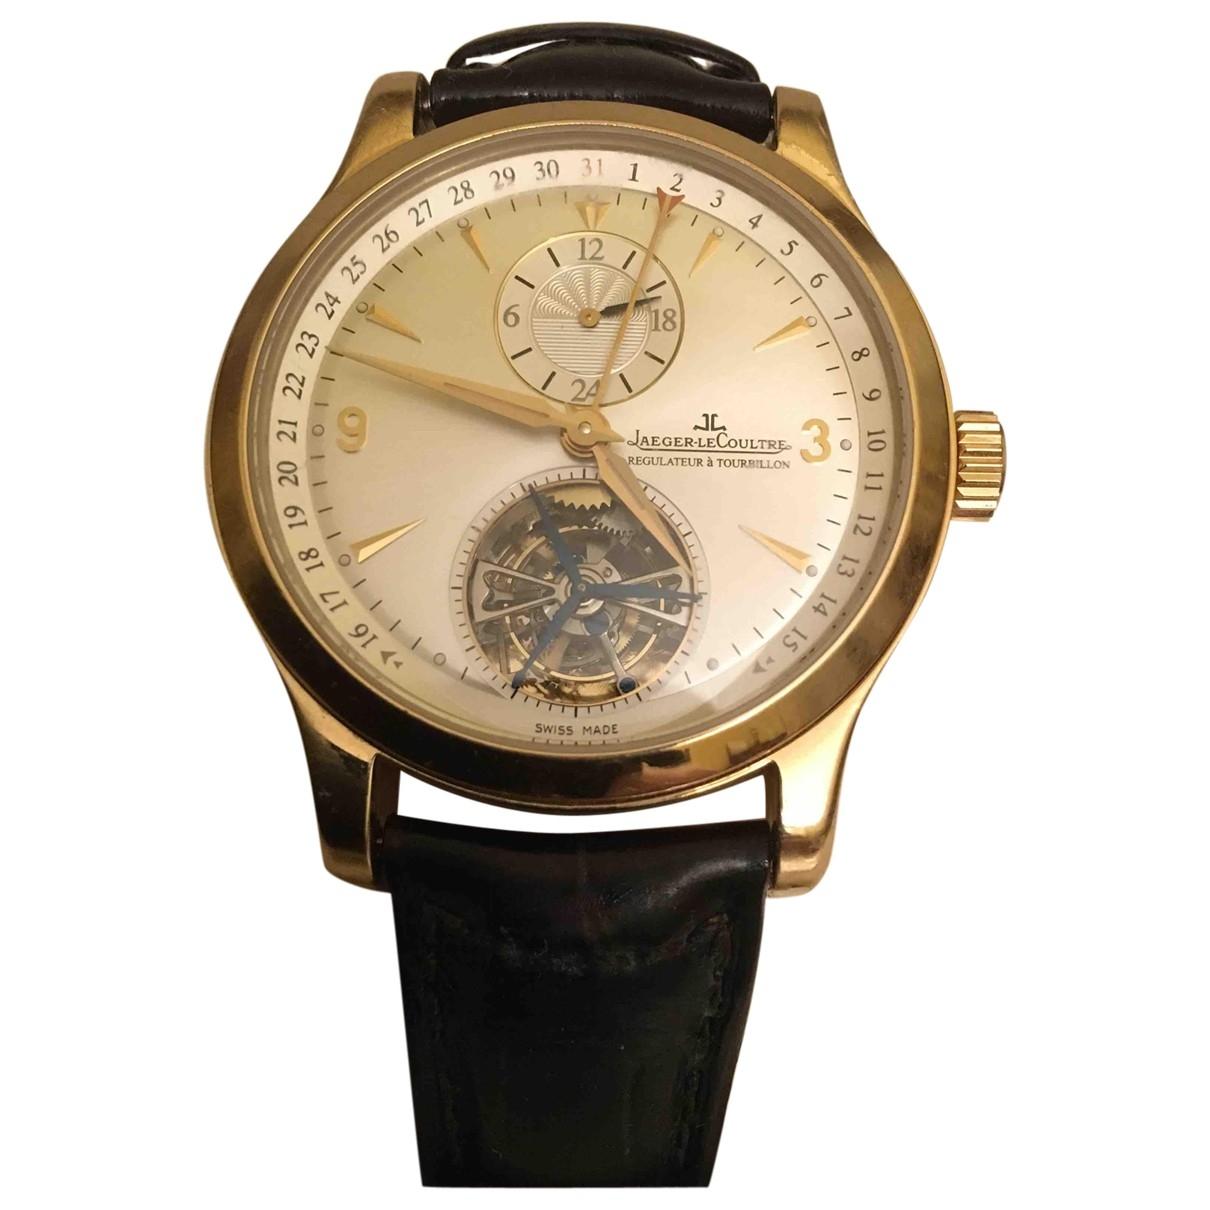 Jaeger-lecoultre \N Uhr in Rosegold